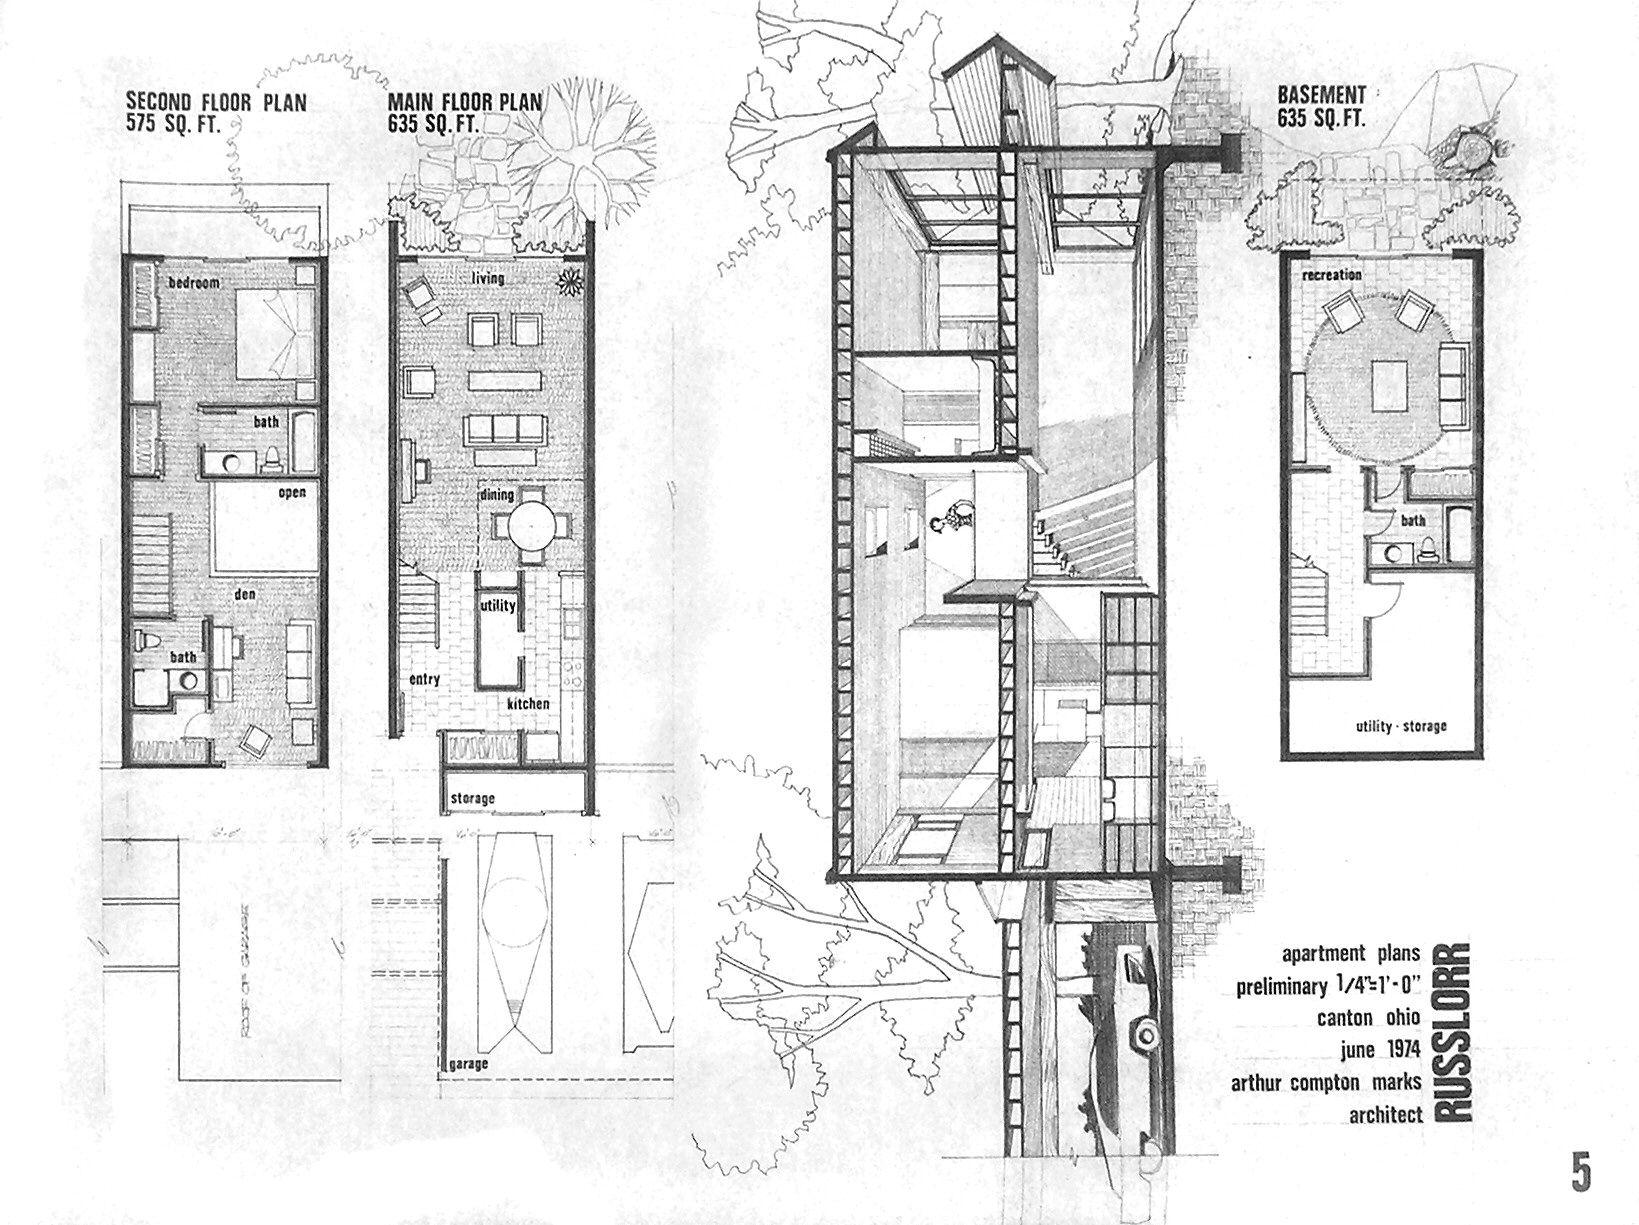 narrow row house floor plans google search row house plan narrow row house floor plans google search